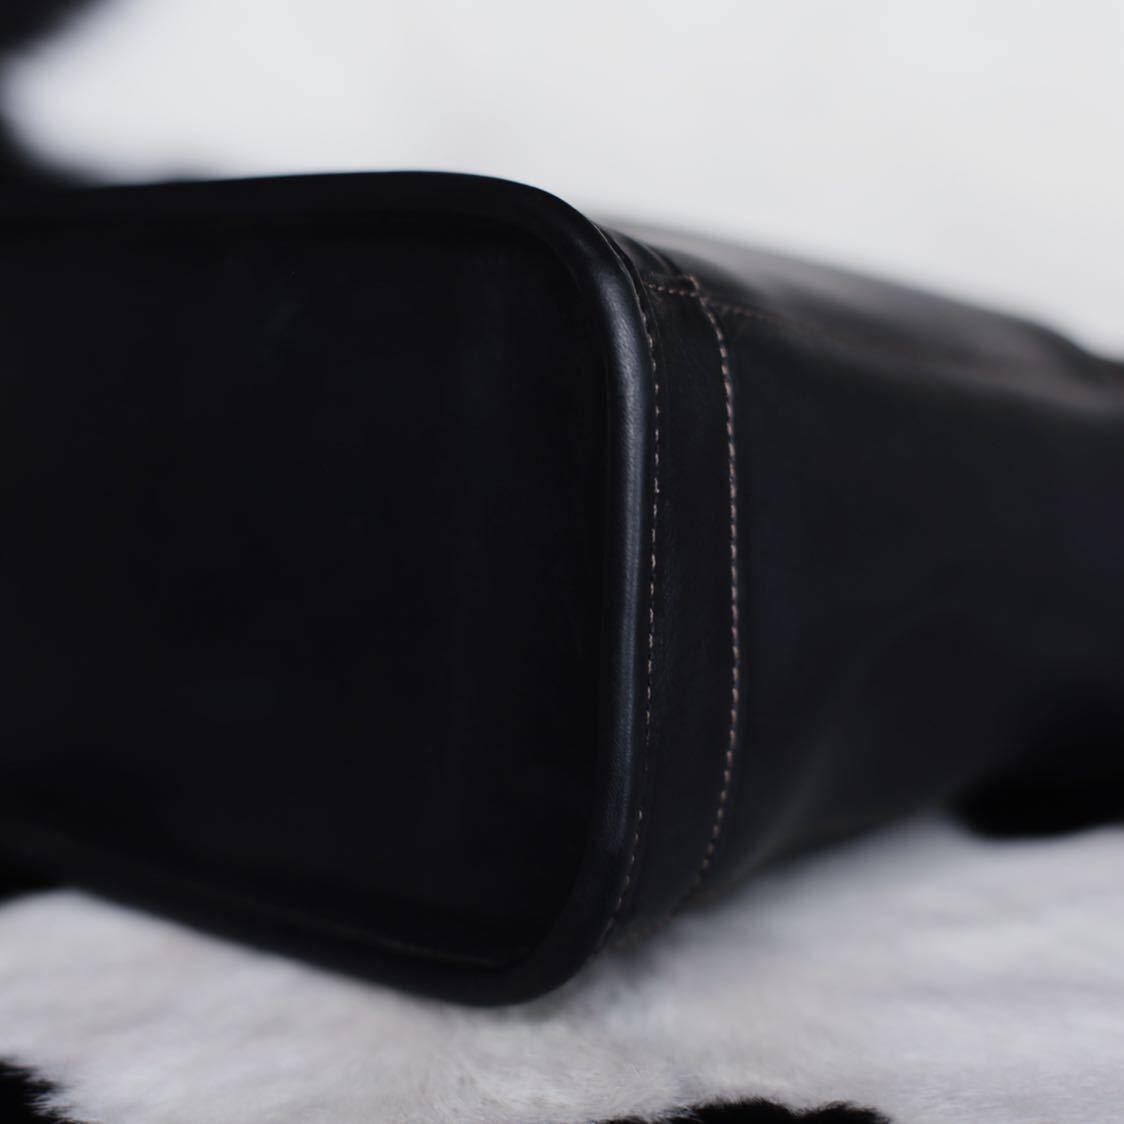 未使用品級 美品 コーチ COACH トートバッグ バッグ ビジネスバッグ 黒 ブラック レザー メンズバッグ 革 15万 オールドコーチ ビンテージ_画像6